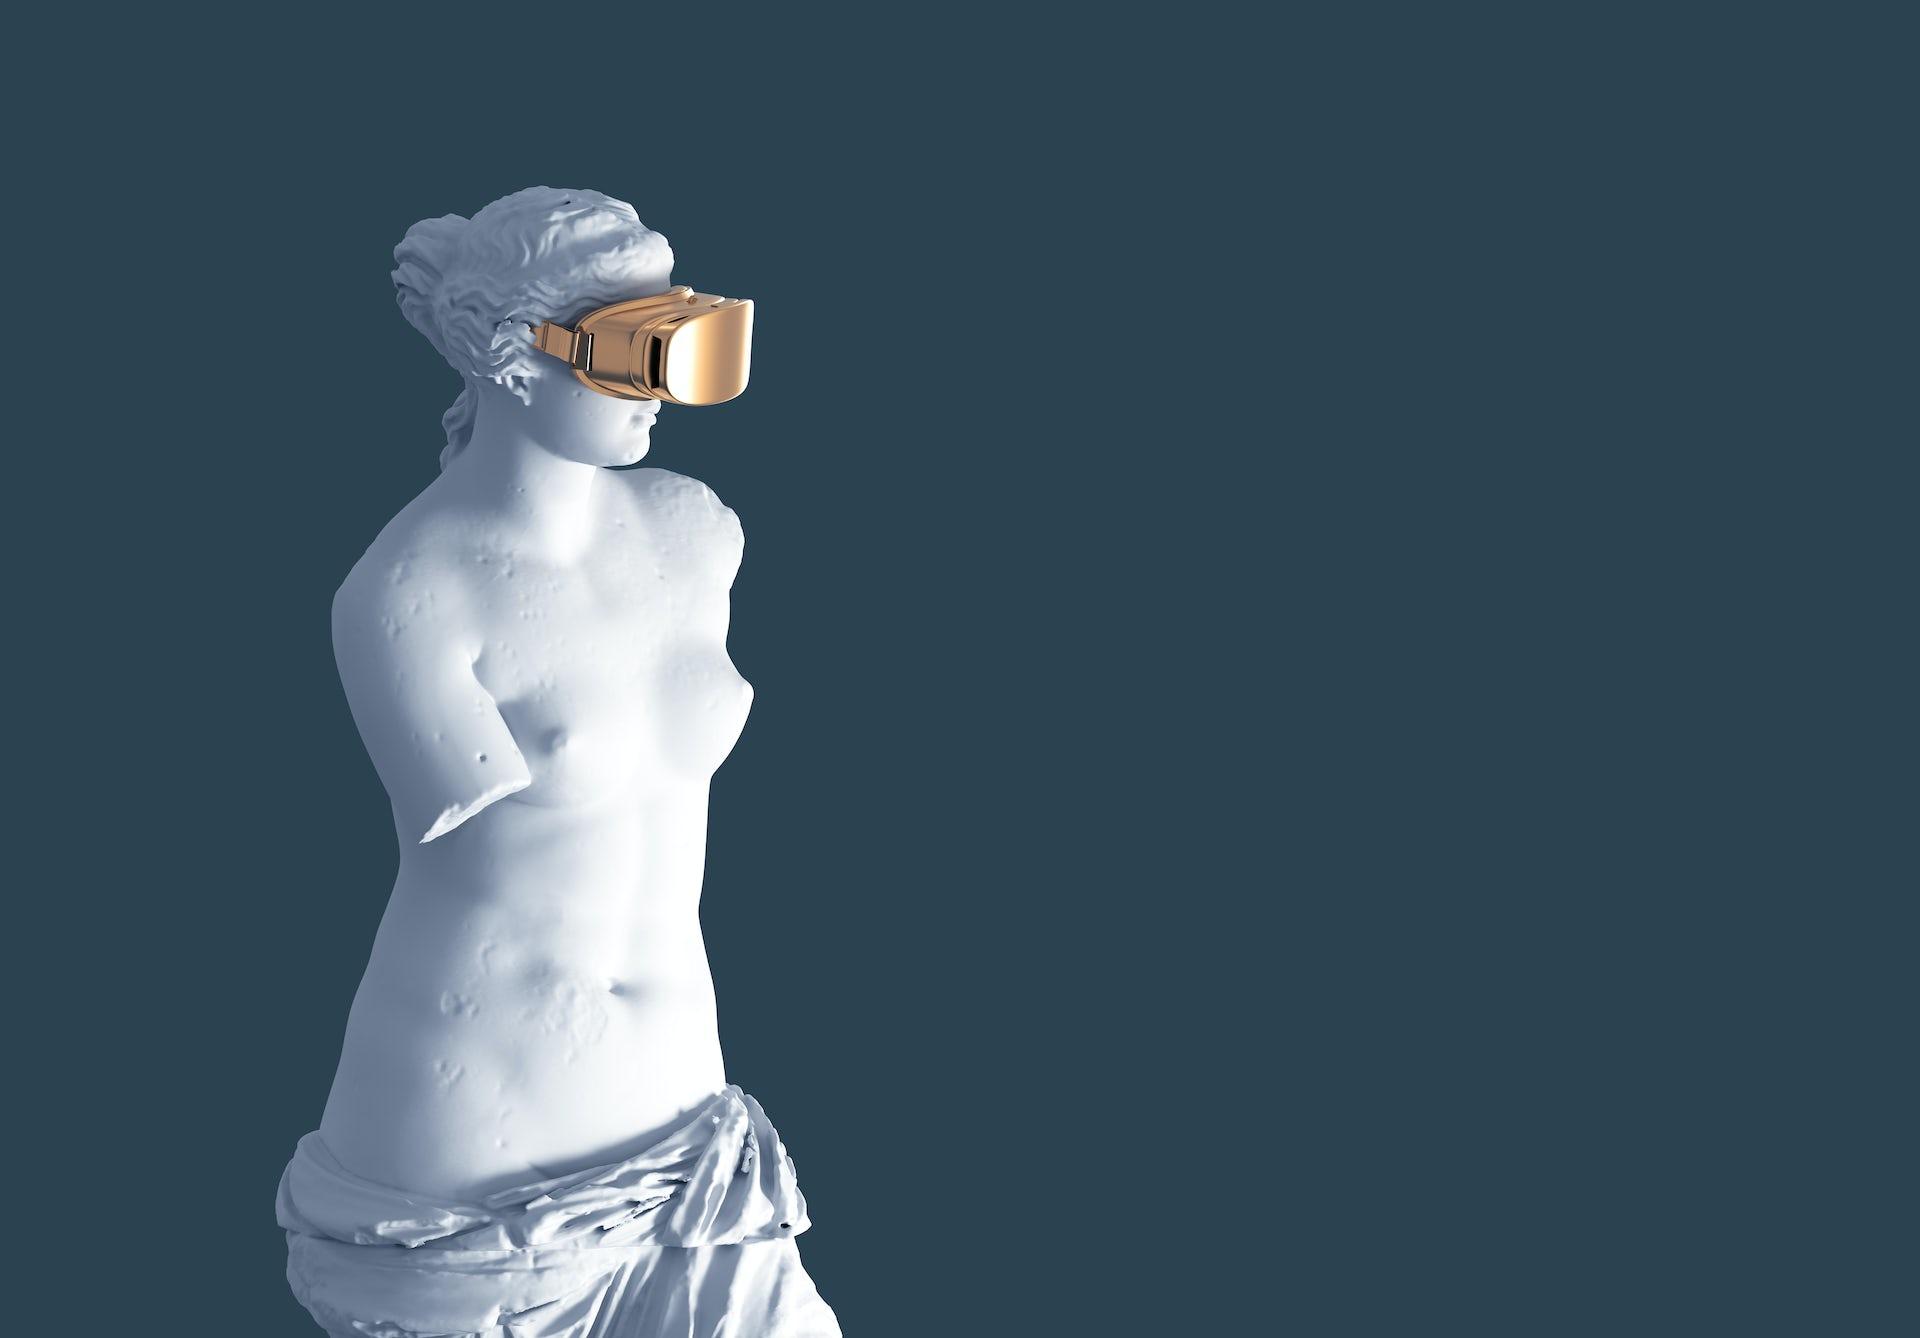 Escultura con gafas de realidad virtual